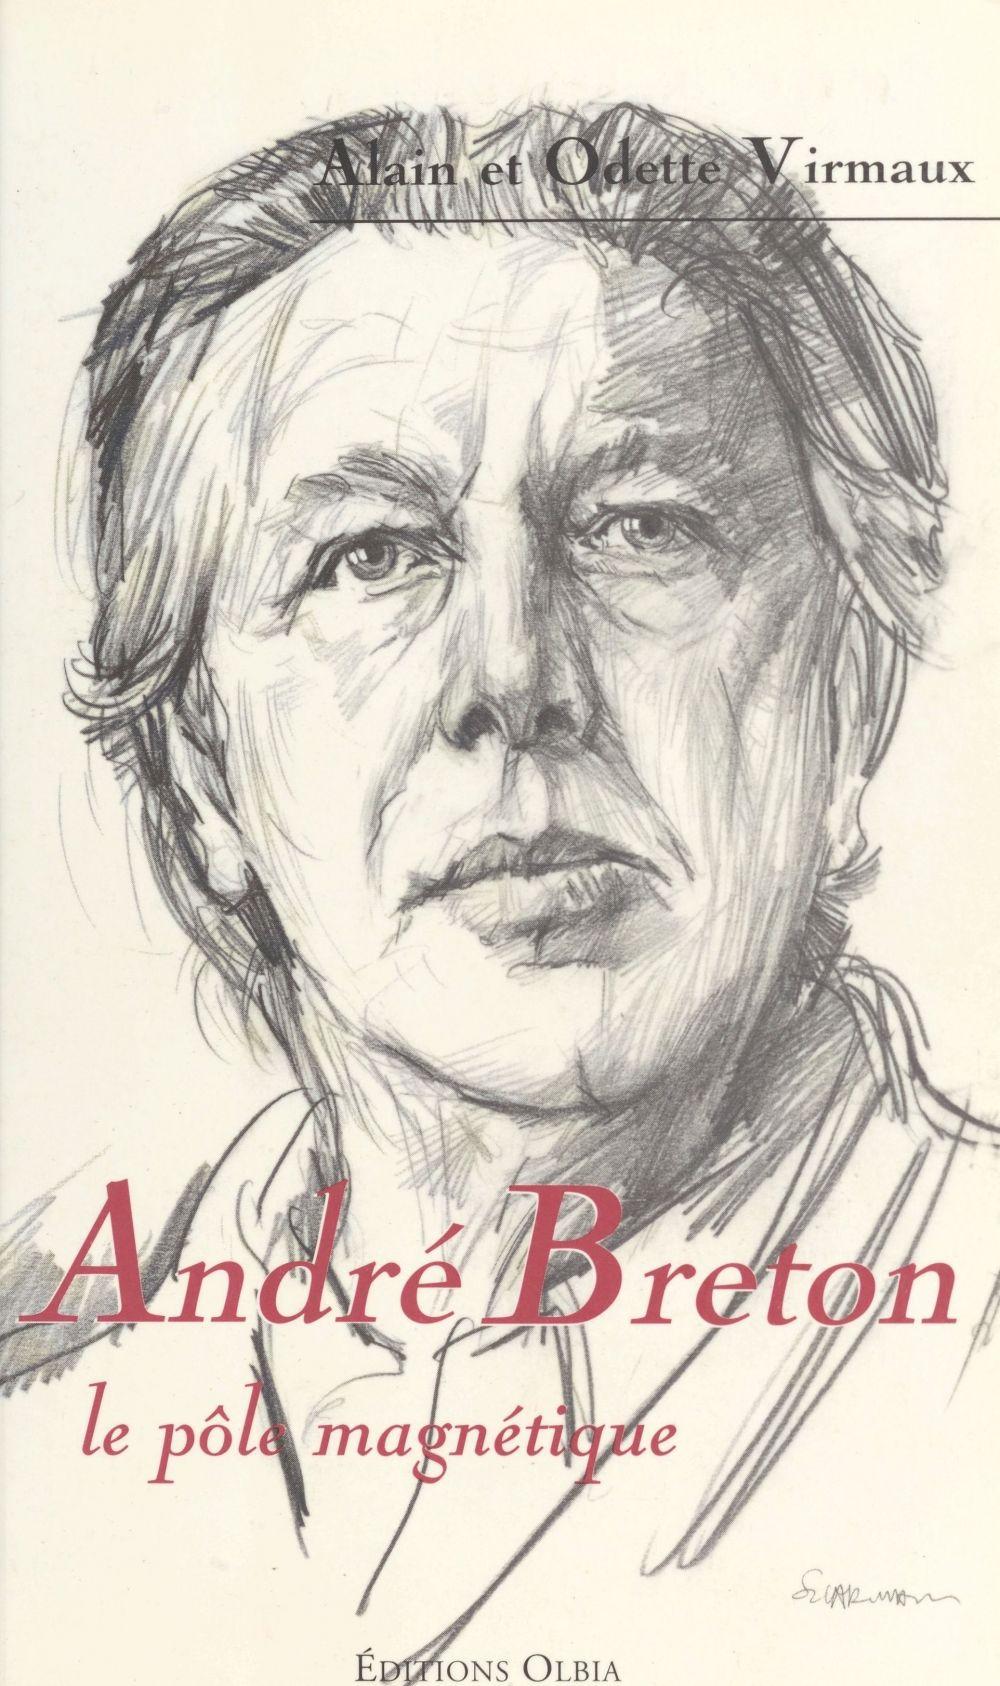 Andre breton le pole magnetique